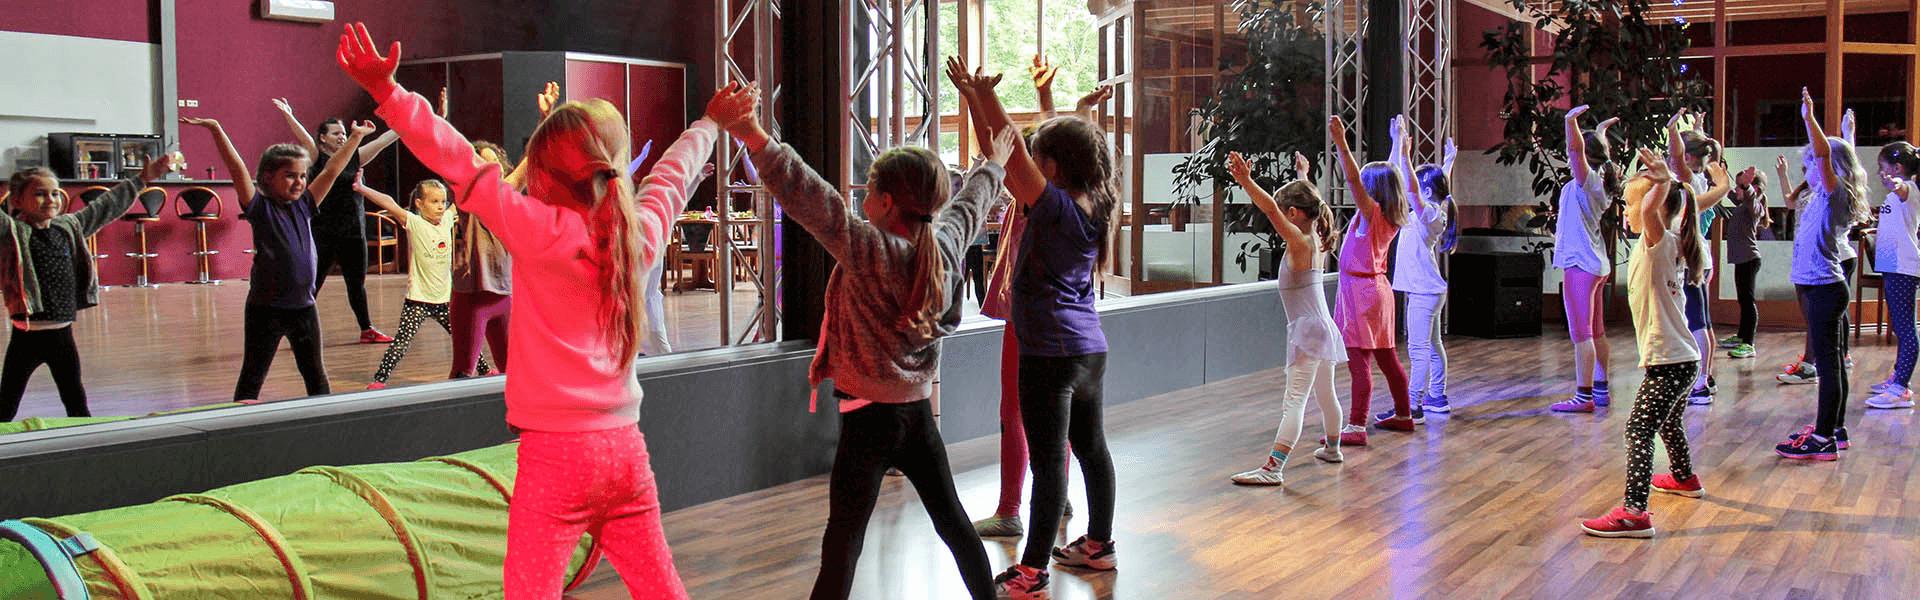 Kristinas kleine Tanzschule